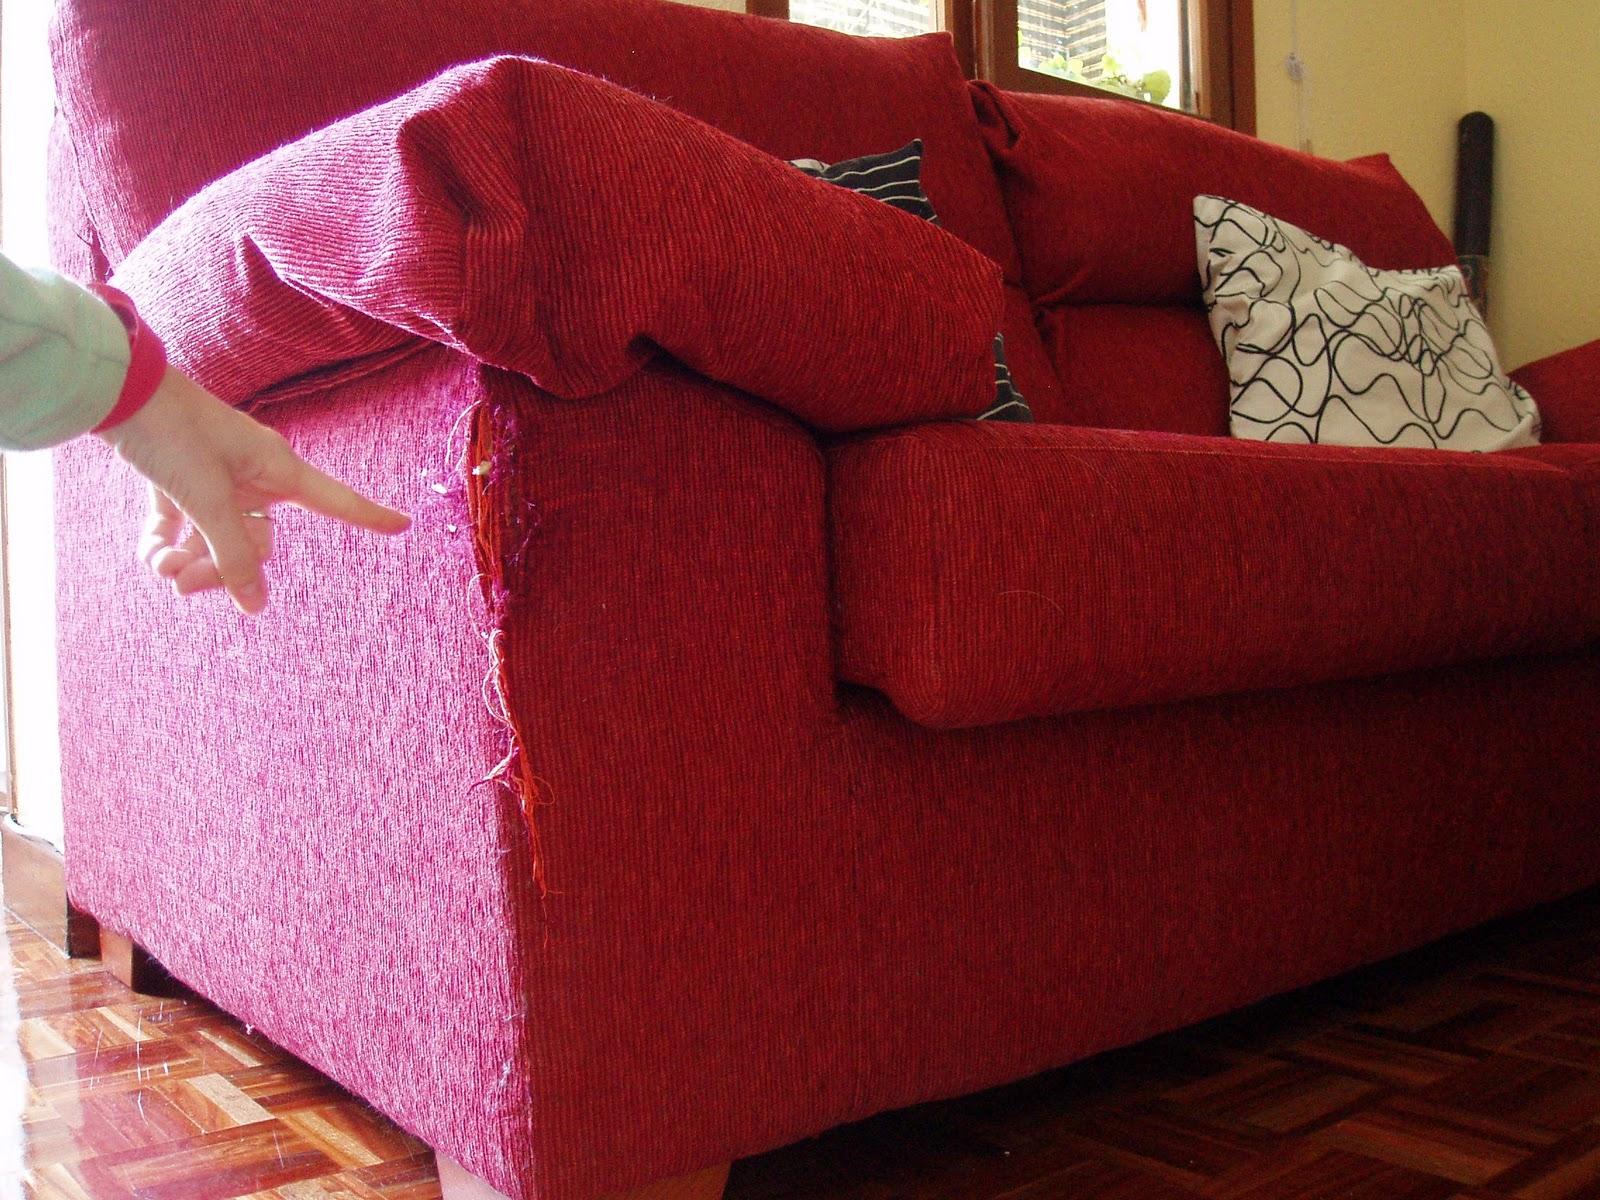 Donde caben dos mobiliario anti gato - Que sofas que muebles ...